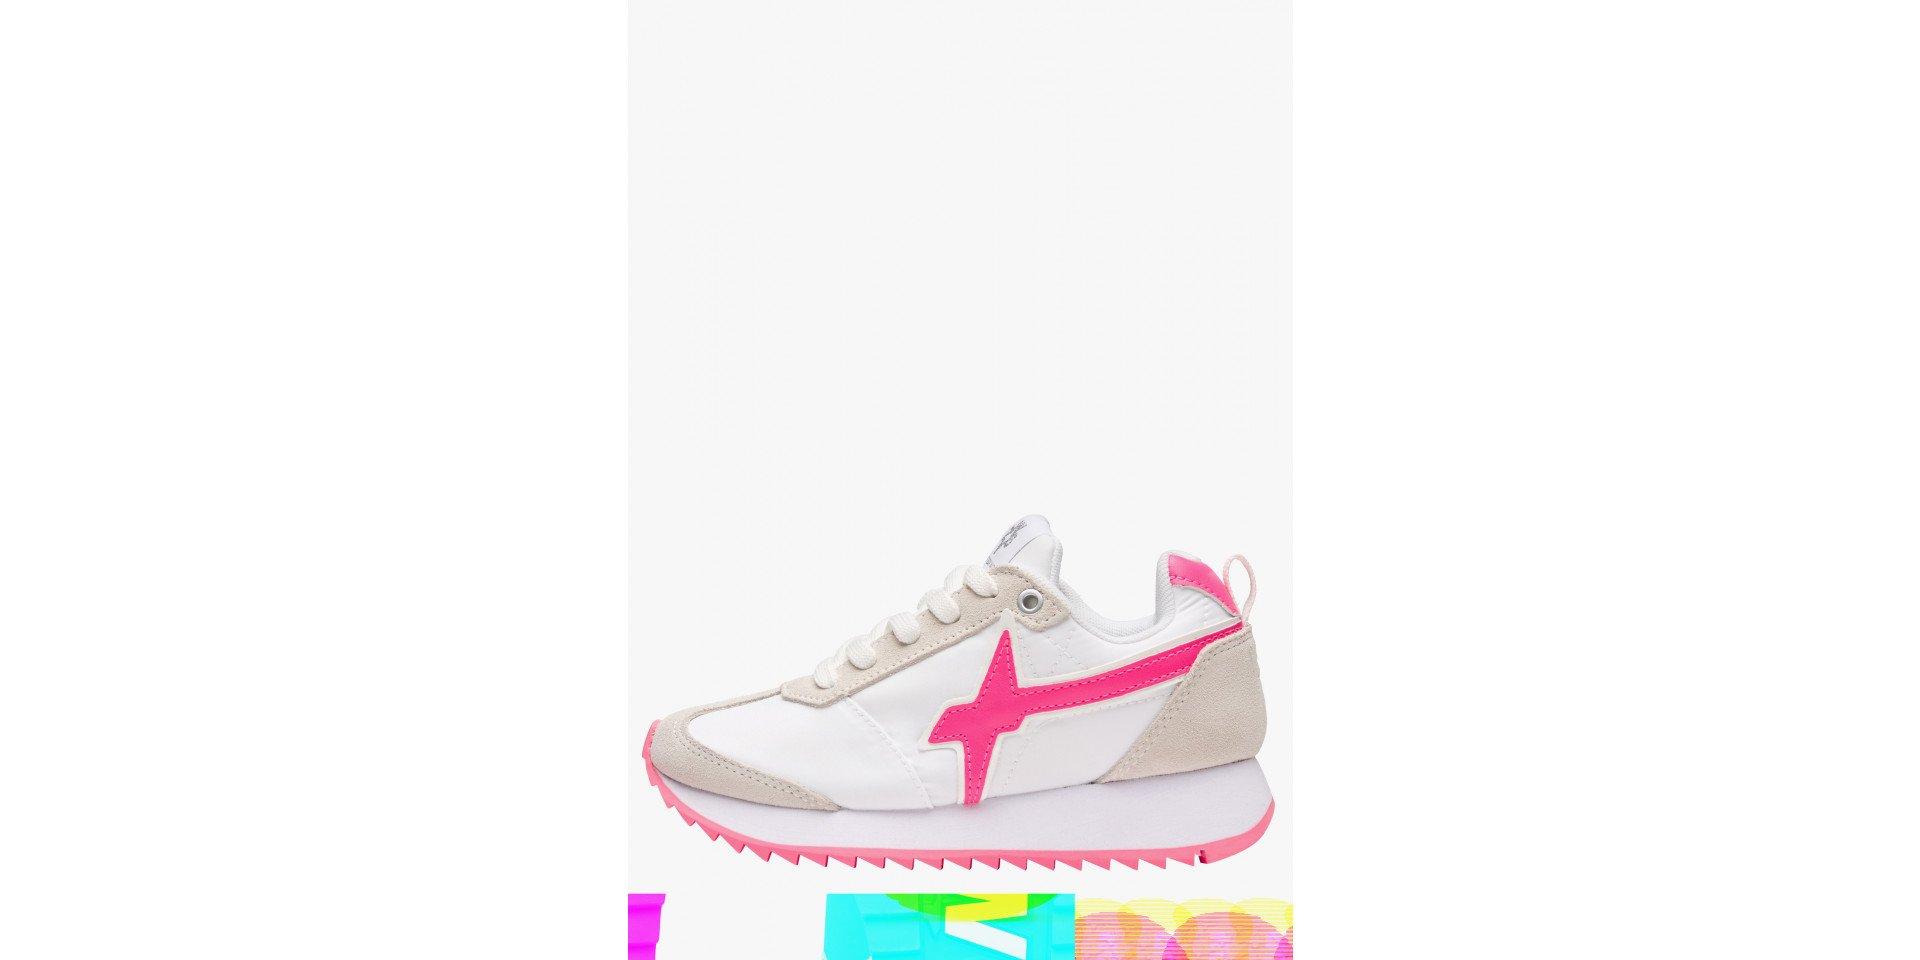 KIS J - Sneaker con dettagli fluo - Bianco-Fuxia